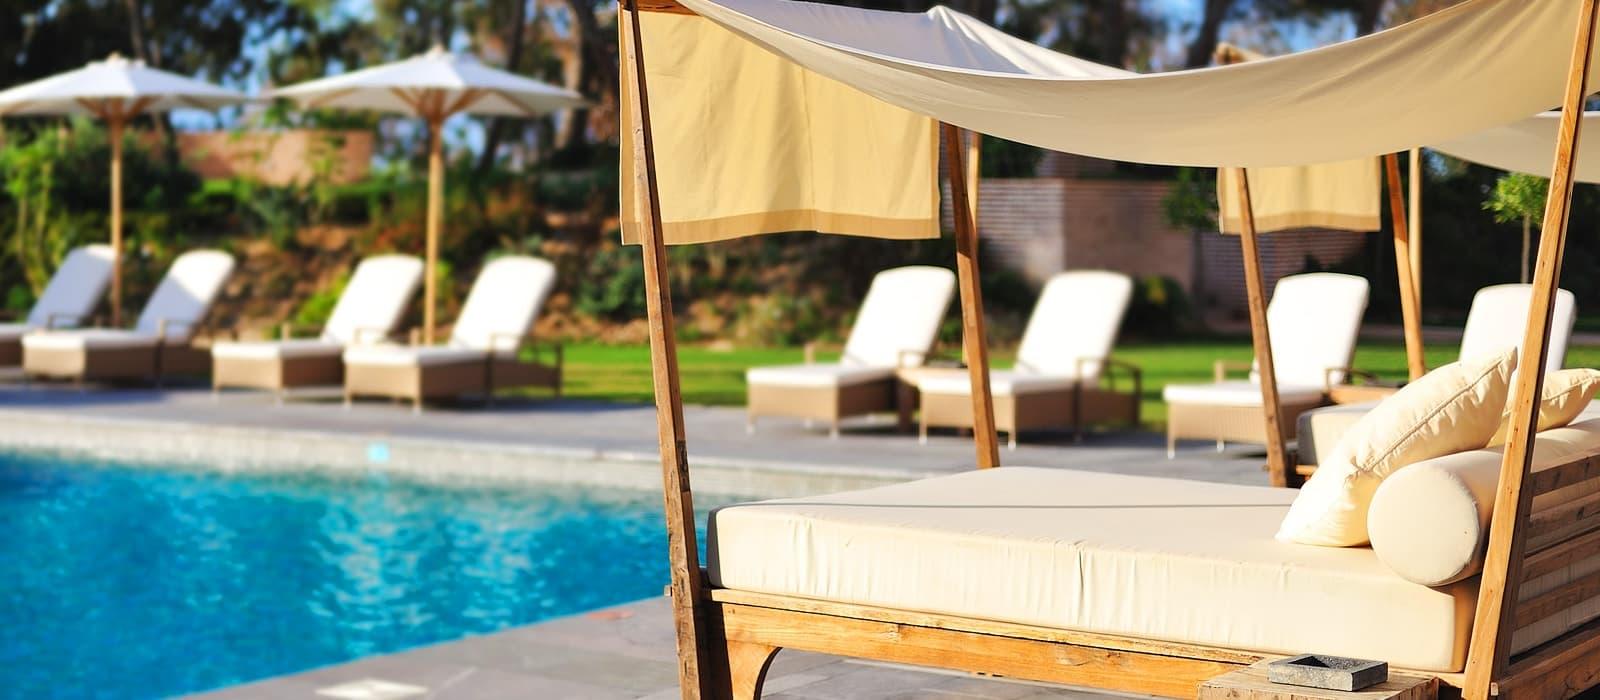 Hoteles Vincci. Hotel Vincci Selección Estrella del Mar in Marbella